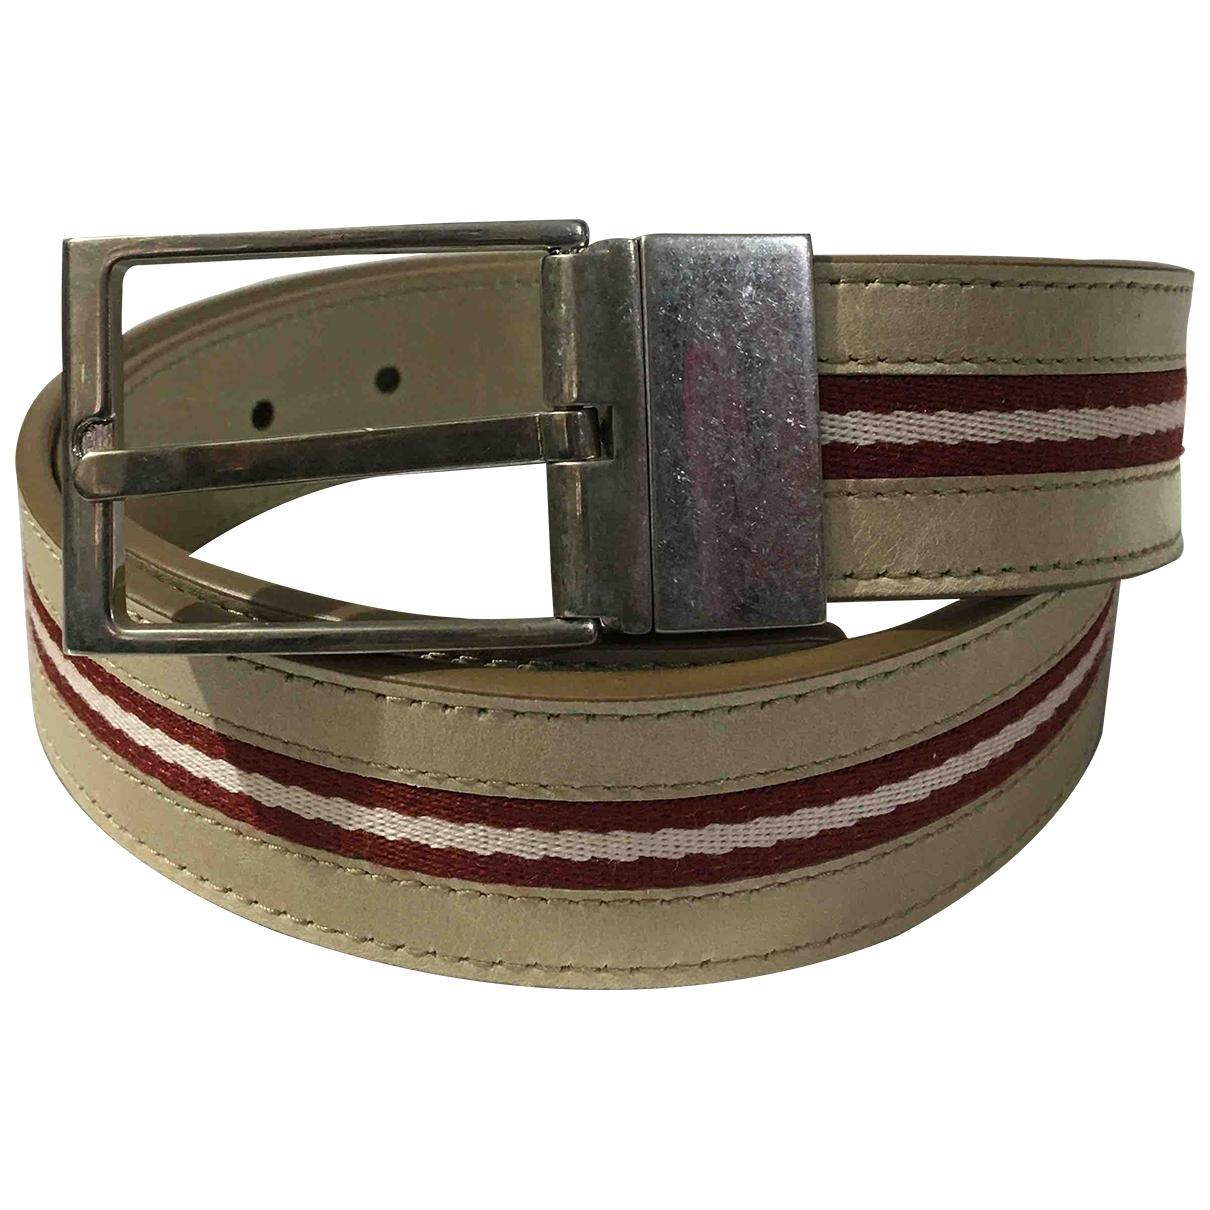 Cinturon de Cuero Bally